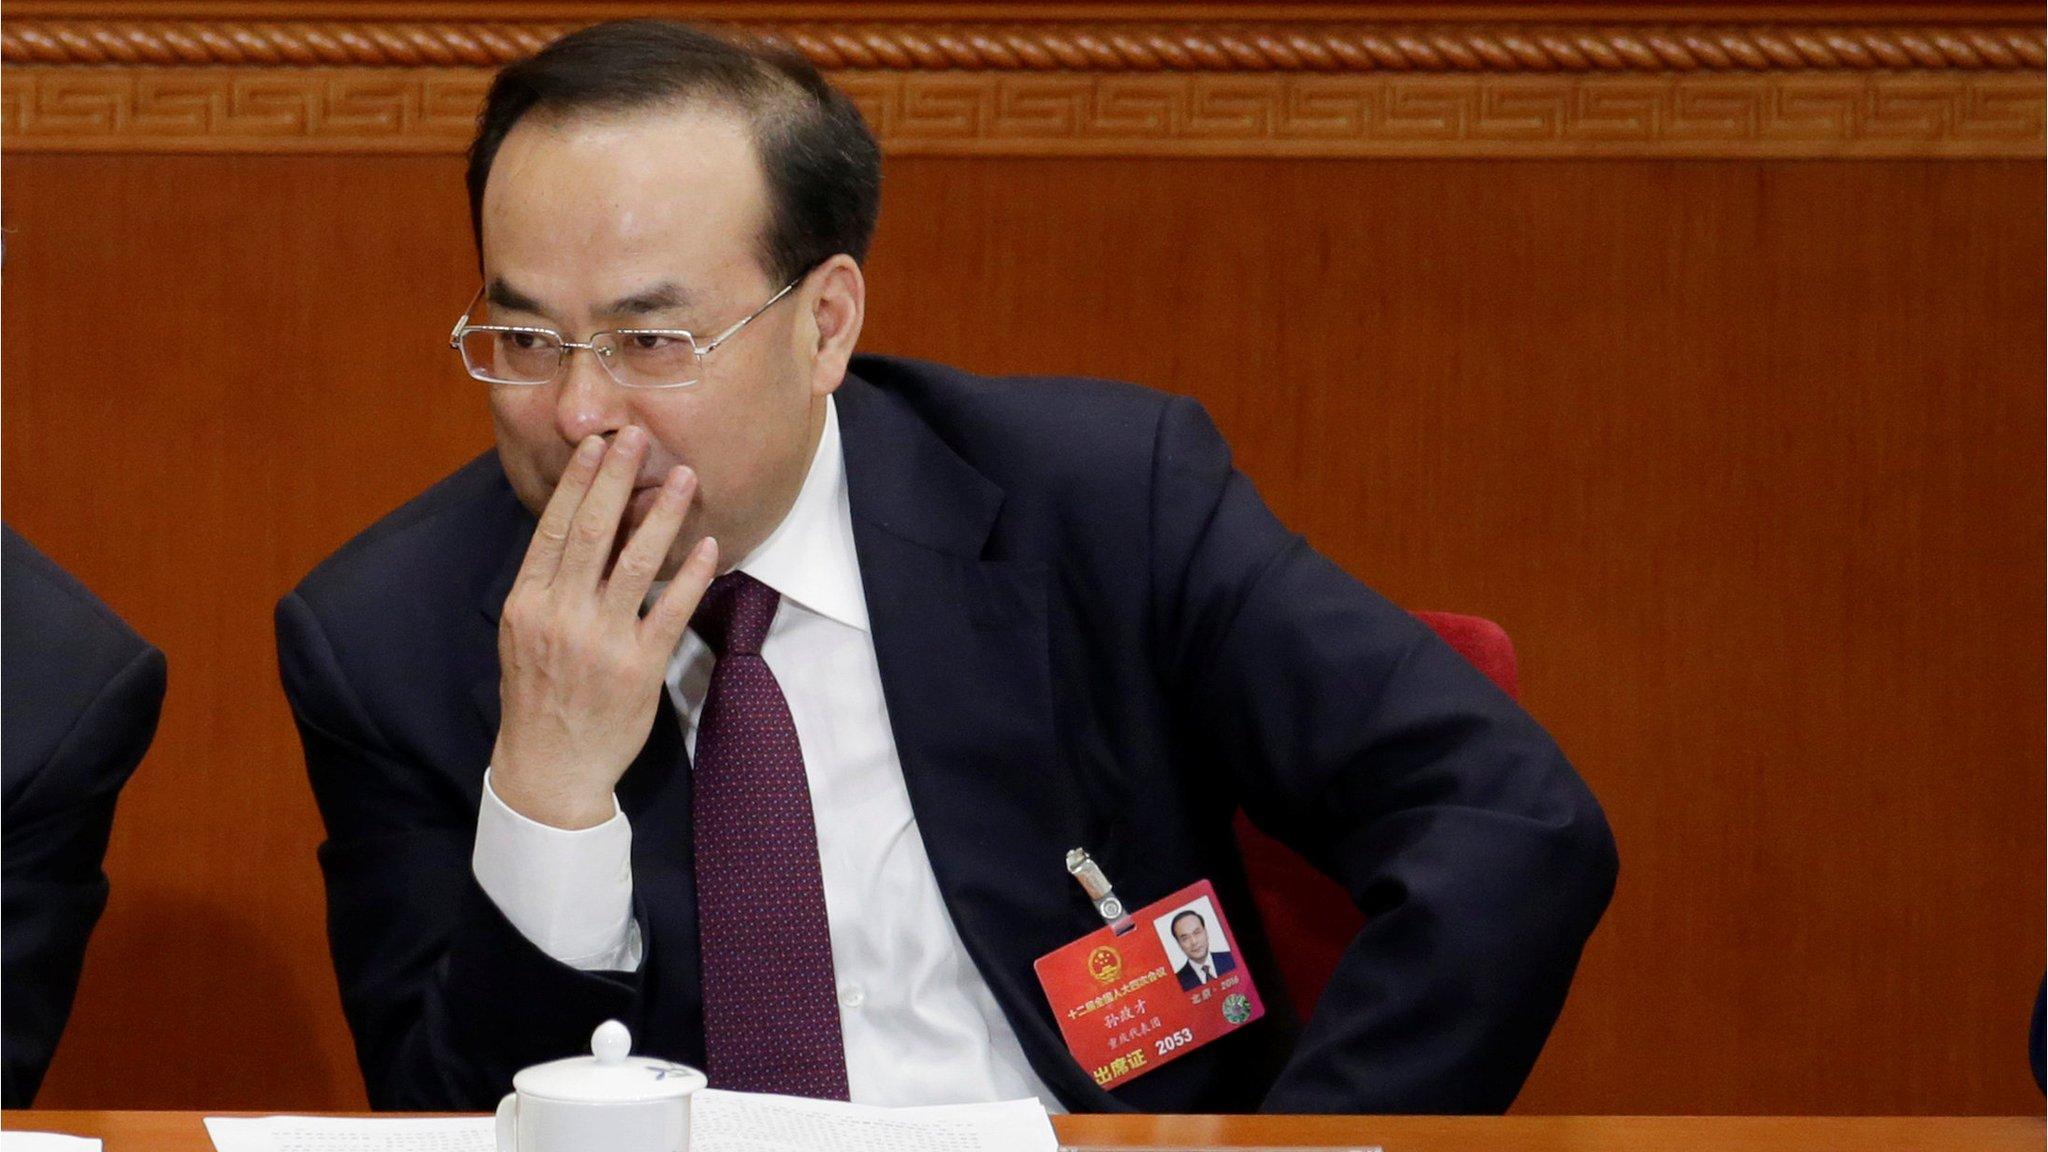 China rising political star facing corruption probe